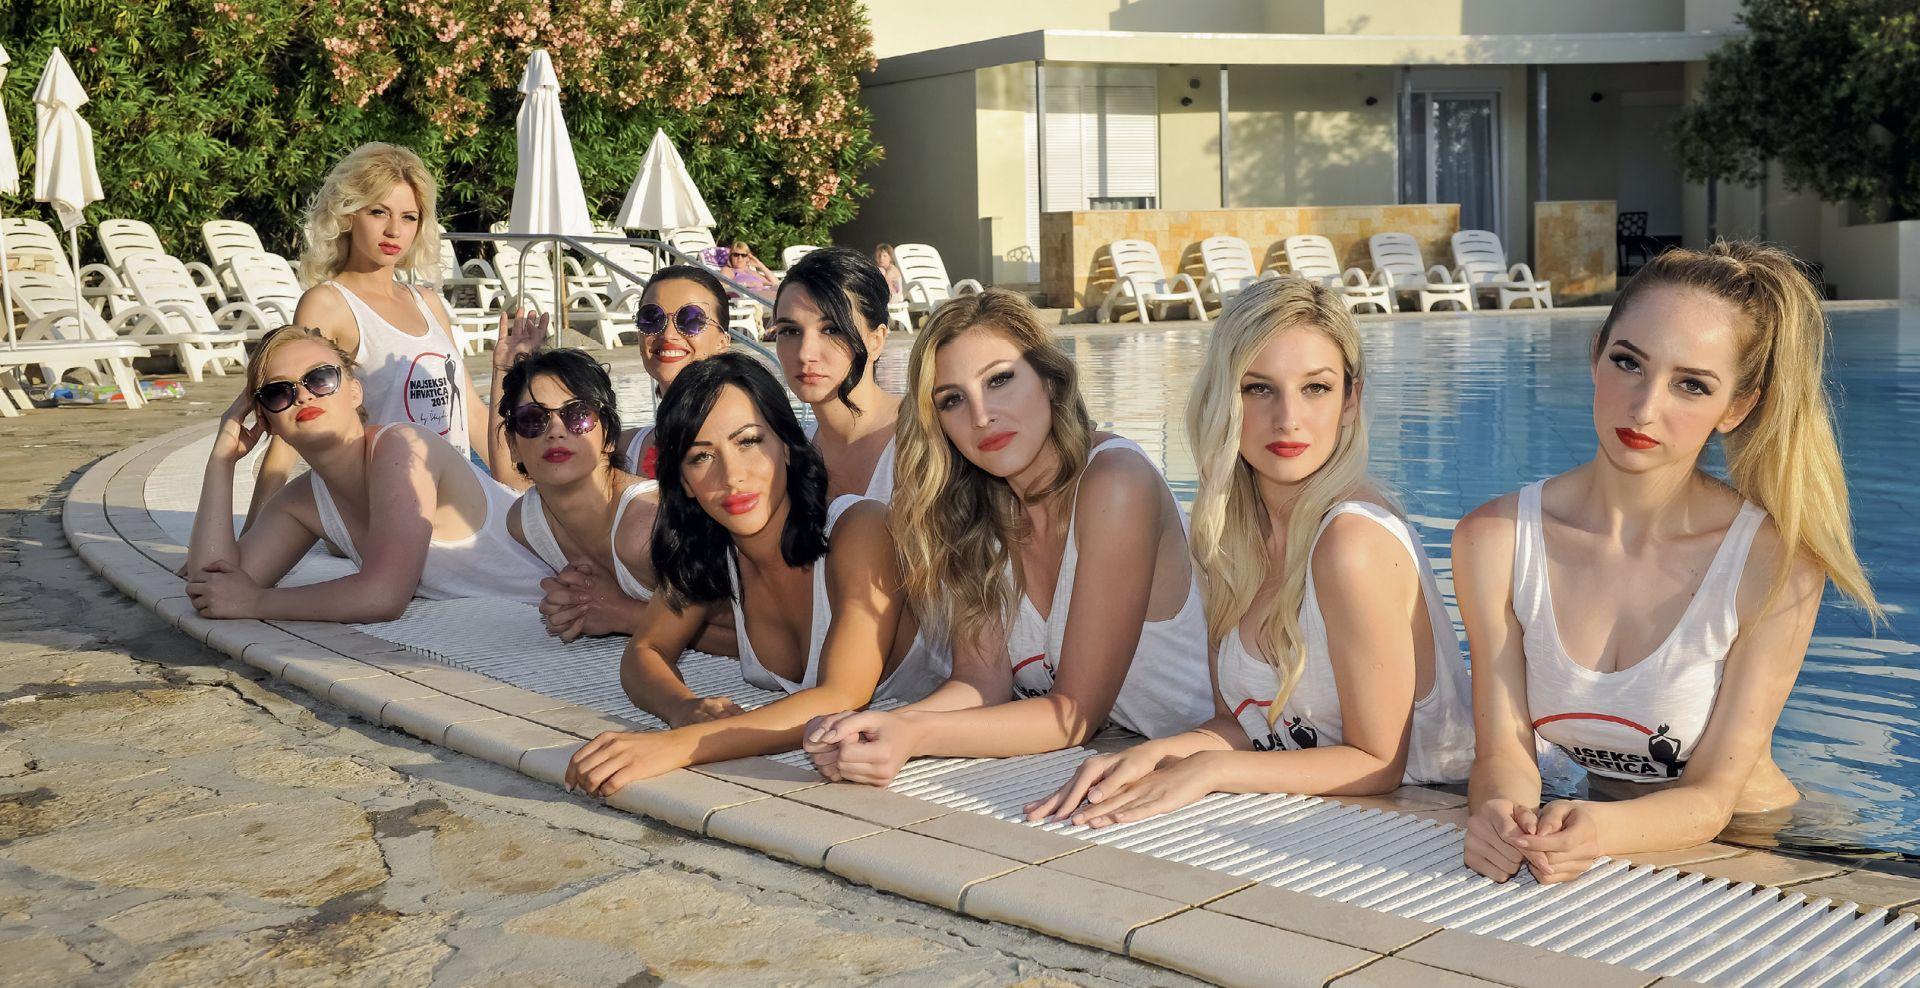 Deset djevojaka u borbi za titulu najseksepilnije Hrvatice